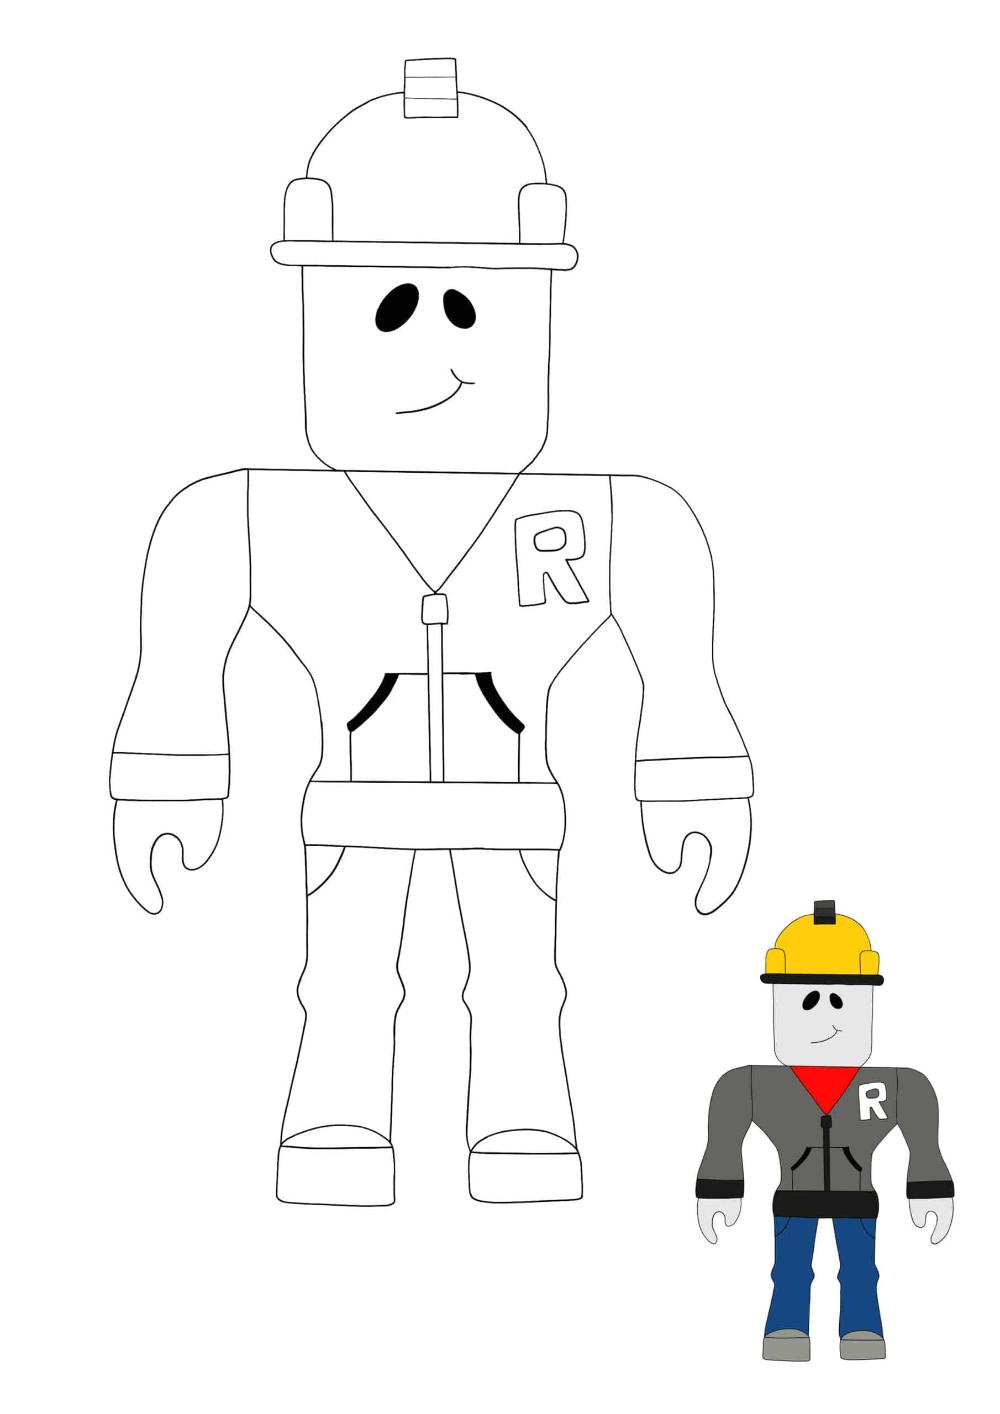 98390af0406de6d30b7c40a00a6f0d20 » Roblox Builderman Coloring Pages